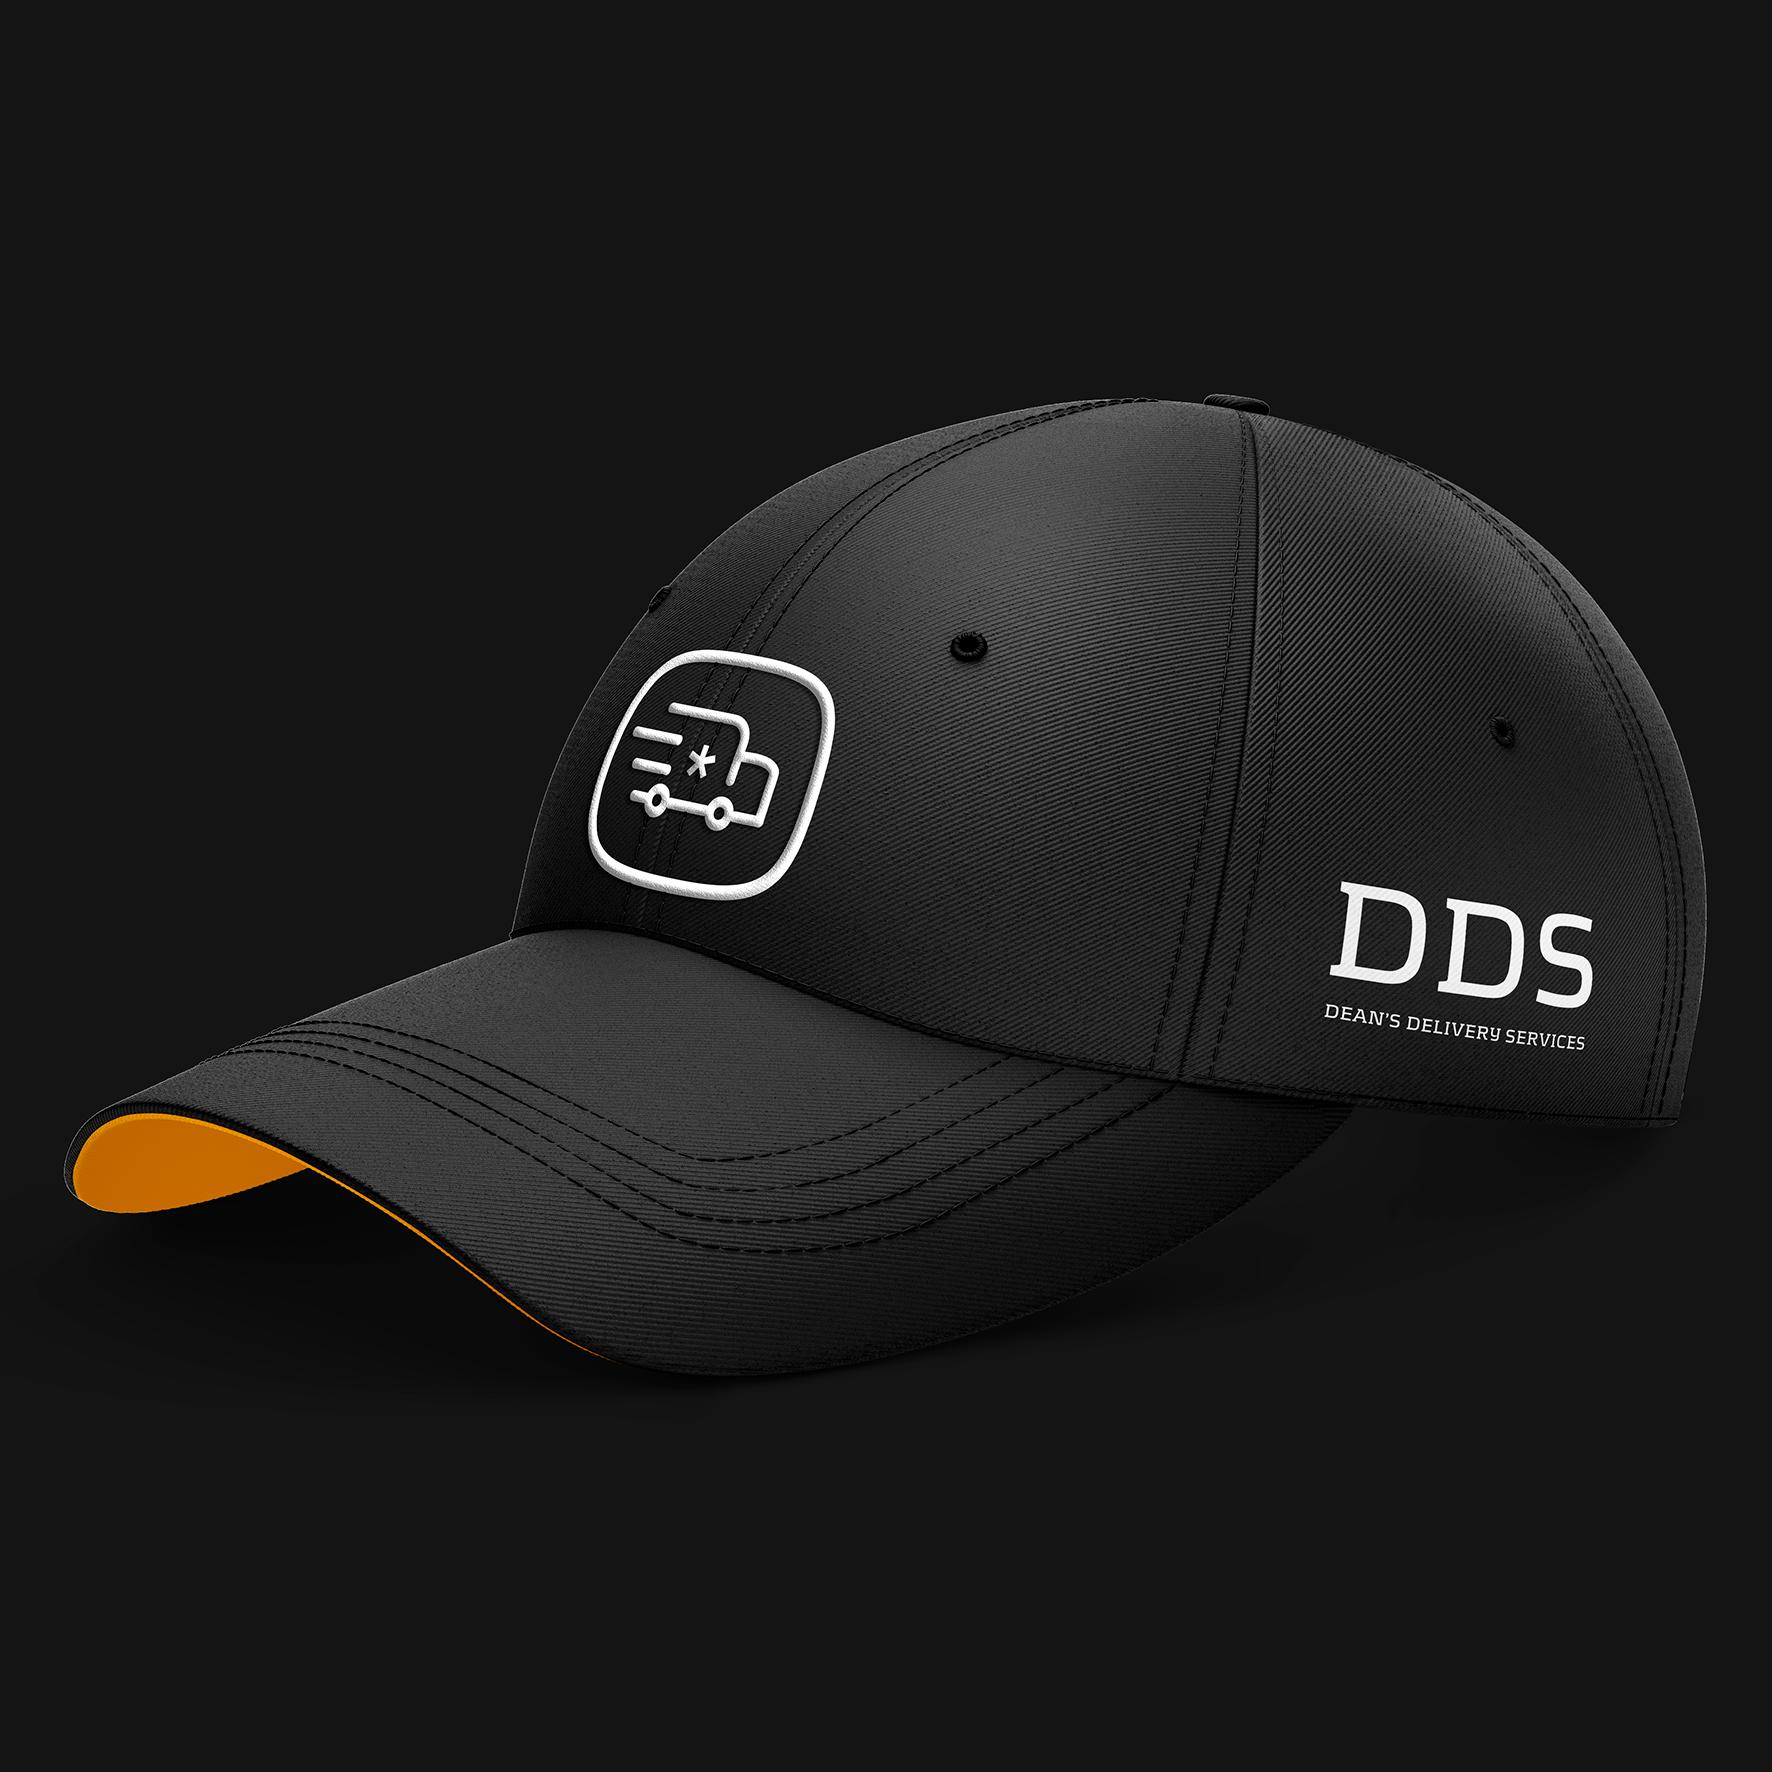 dds-11